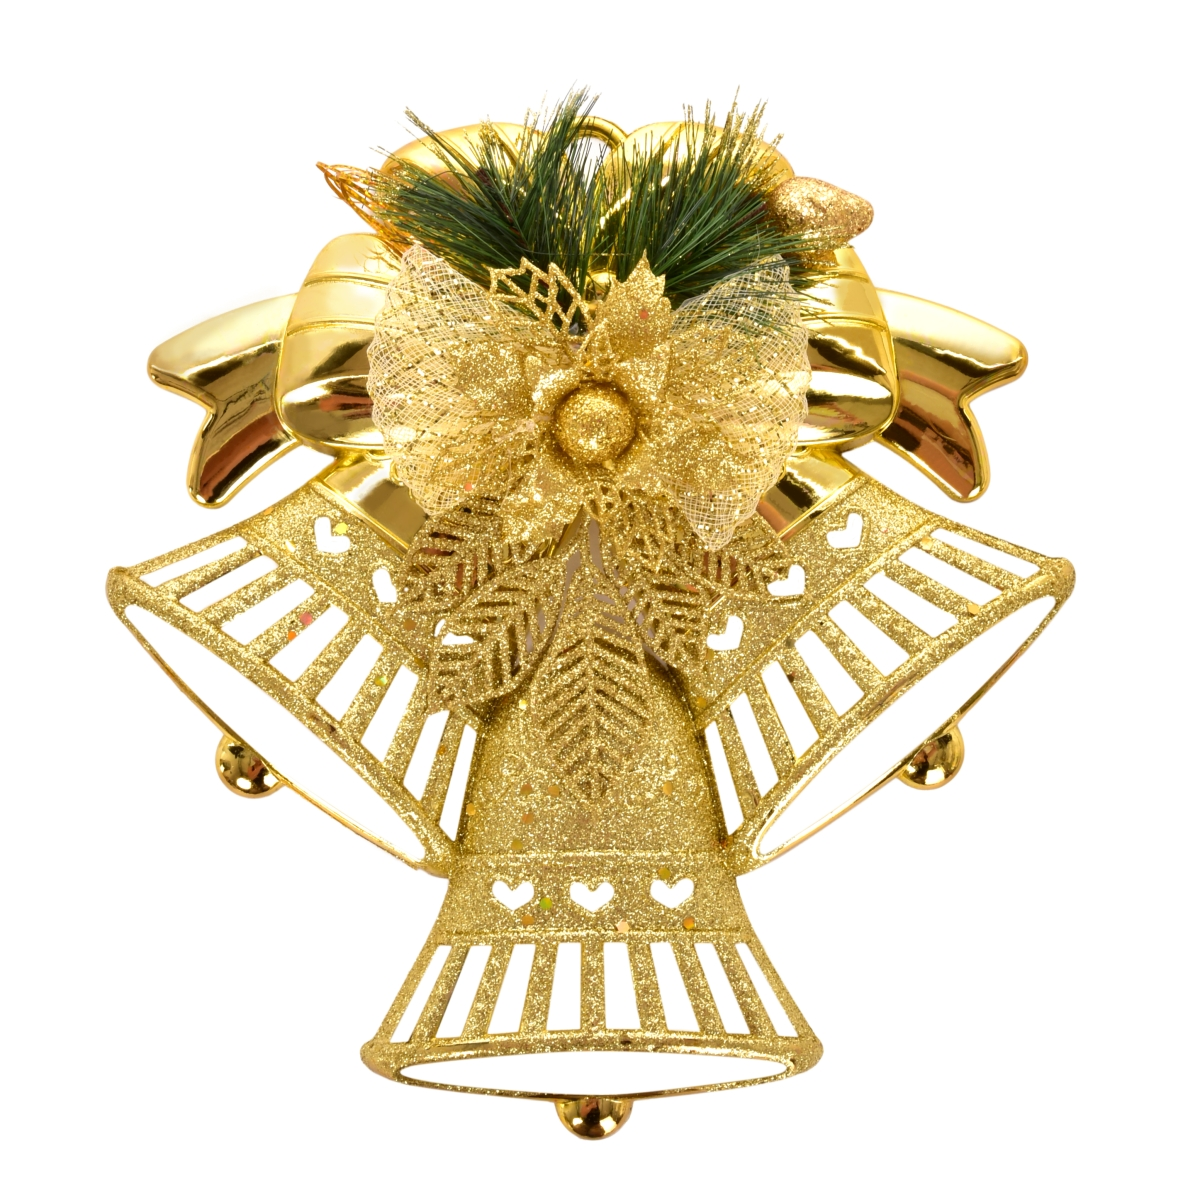 XL závěsná dekorace ve tvaru tří zvonků